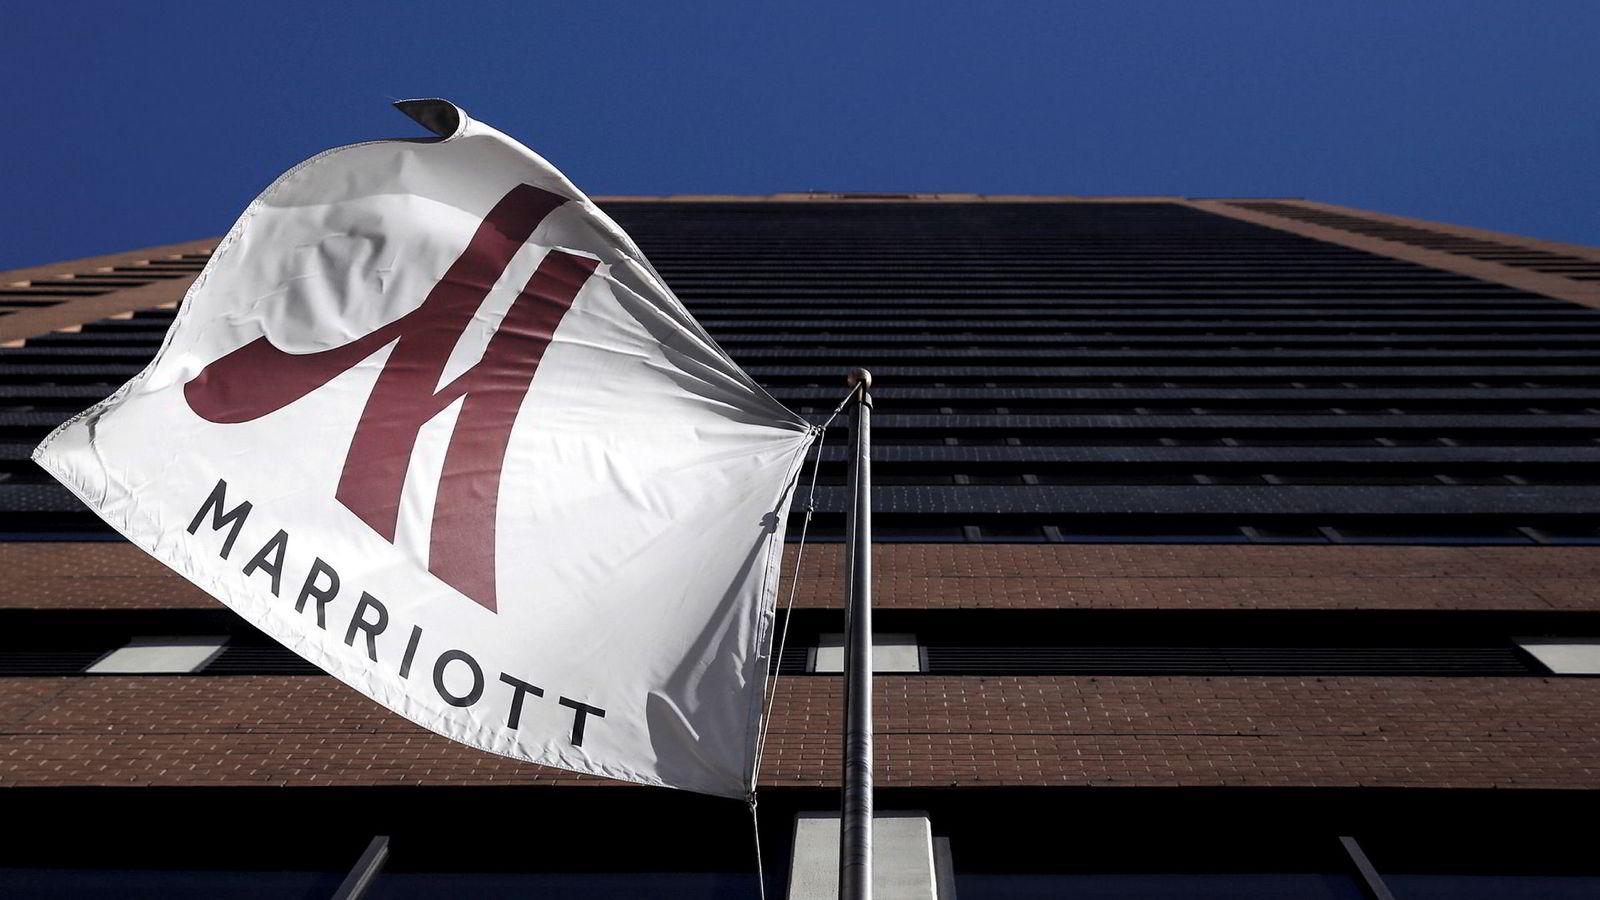 Bildet viser fasaden til Marriott Downtown hotellet på Manhattan i New York.